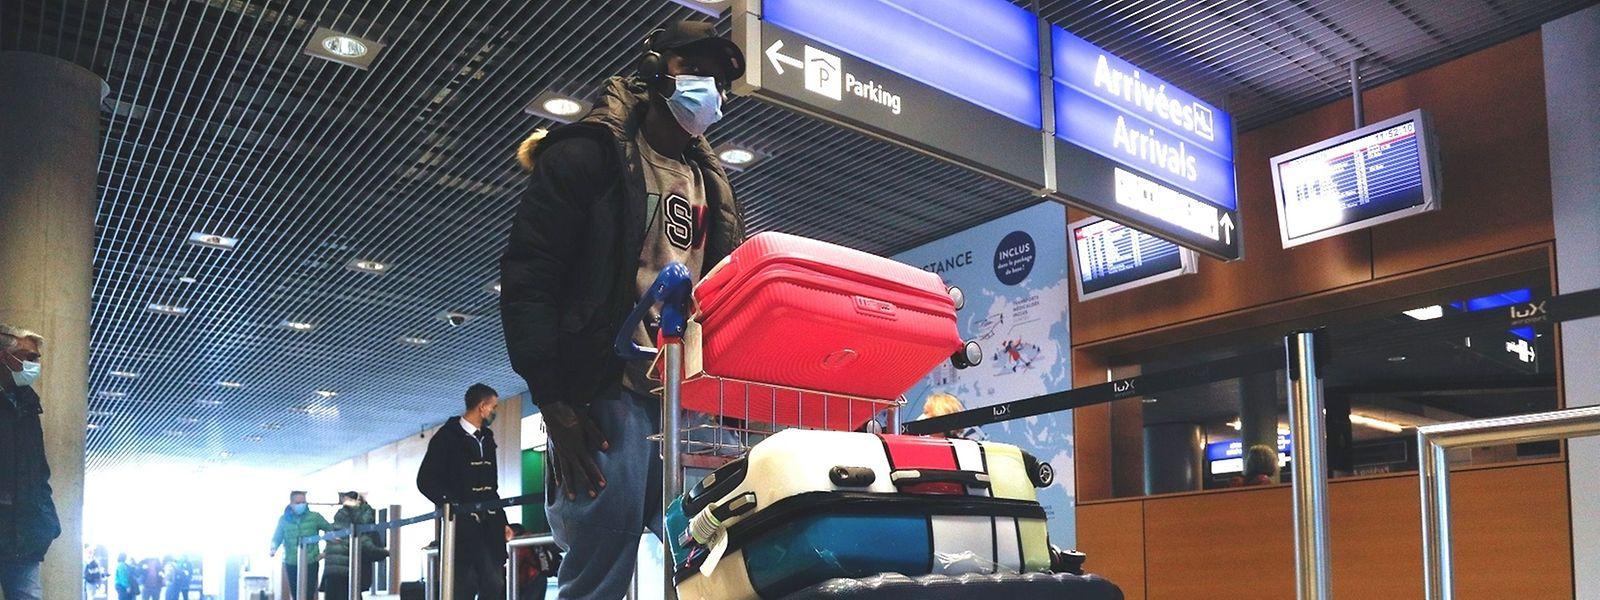 Les voyageurs en provenance du Japon ou d'Israël peuvent se rendre au Luxembourg sans motifs impérieux.